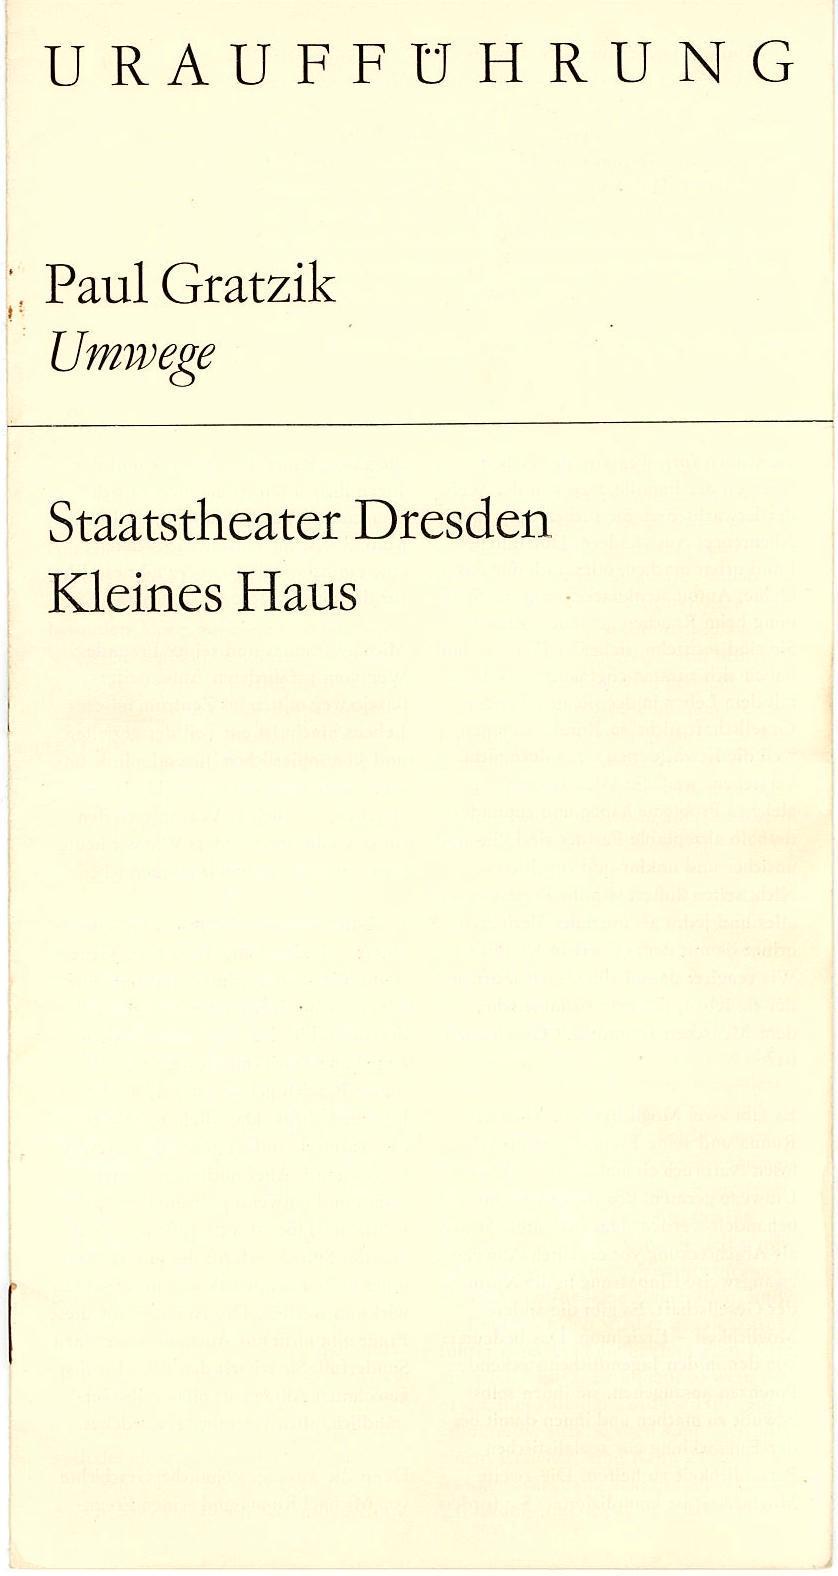 Programmheft Uraufführung UMWEGE. Schauspiel von Paul Gratzig Dresden 1970